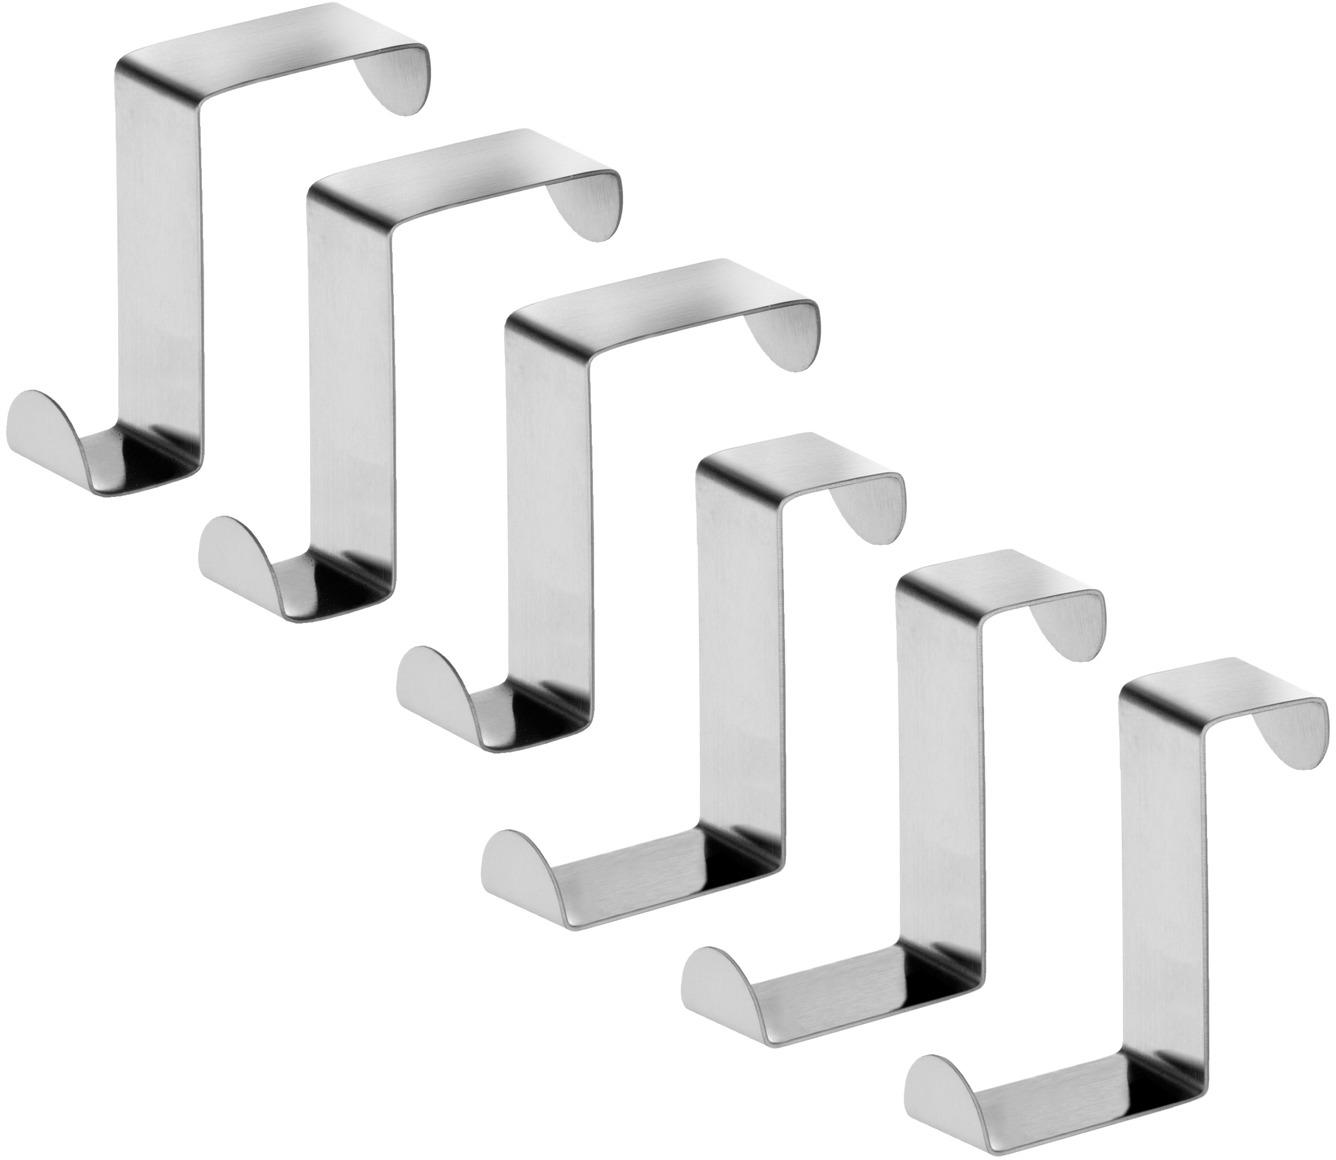 цена на Крючки для дверей и выдвижных шкафов Tatkraft Seger, 6 шт